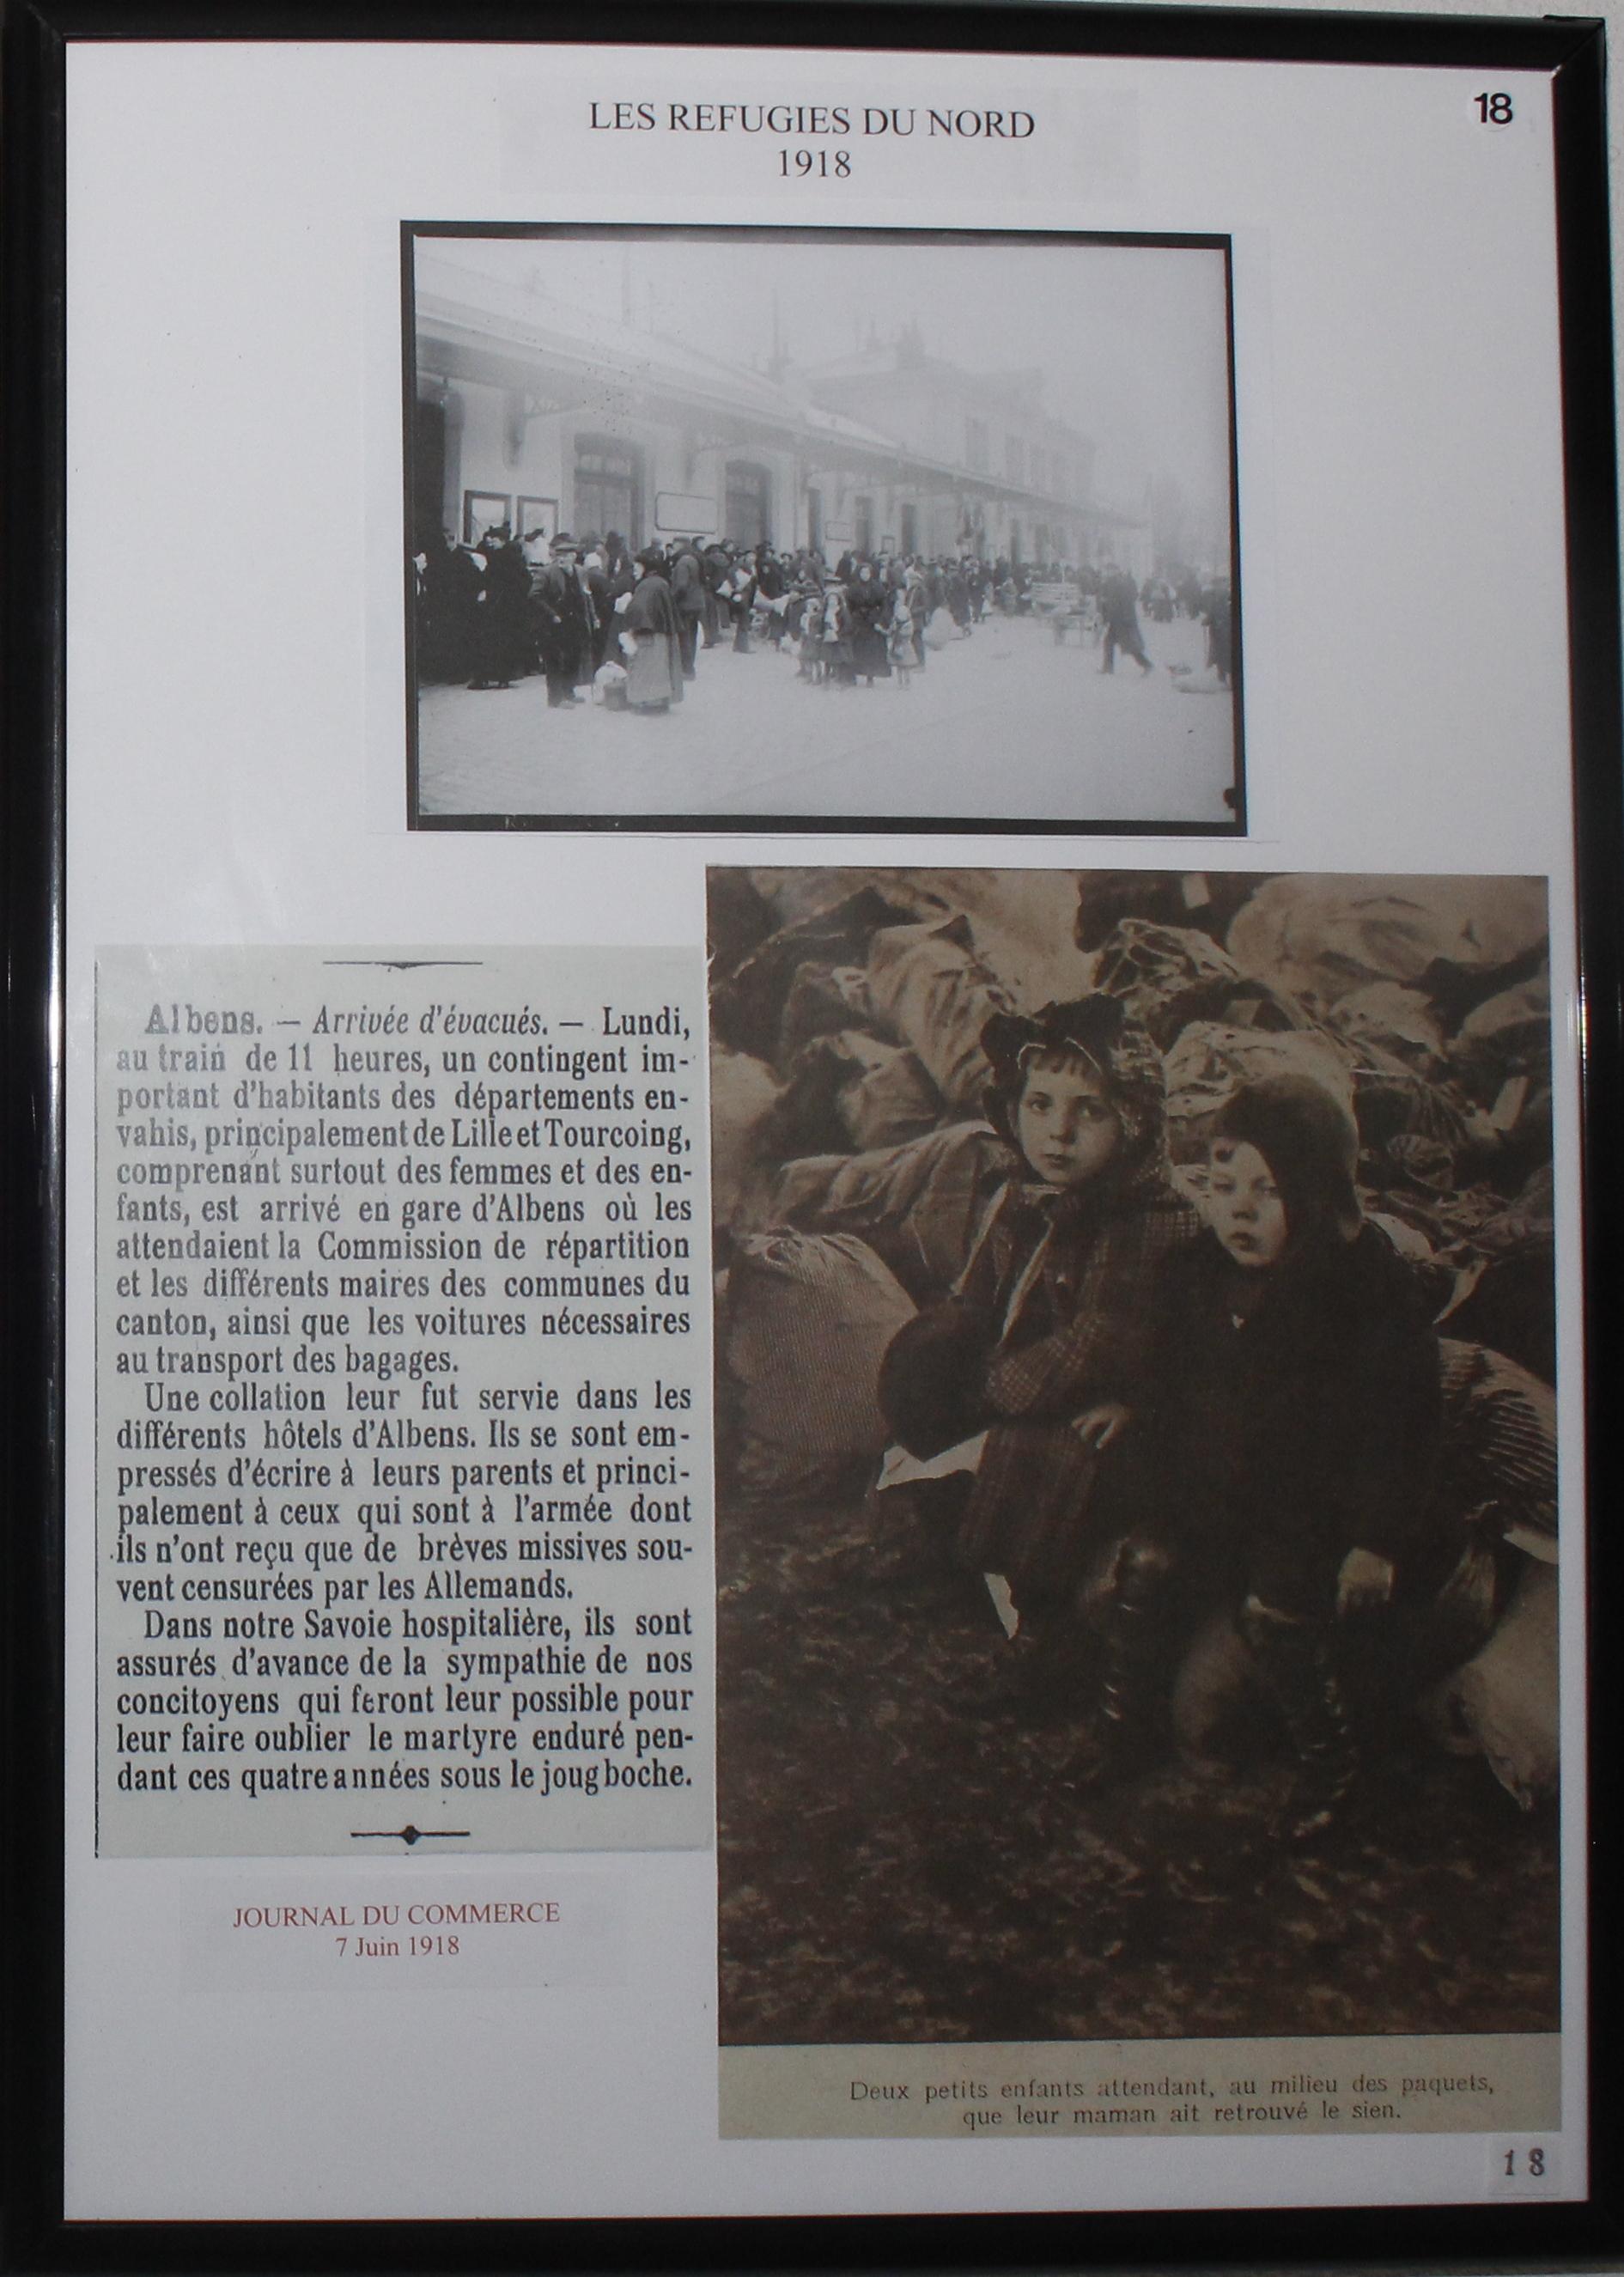 Arrivée des réfugiés du Nord à Albens